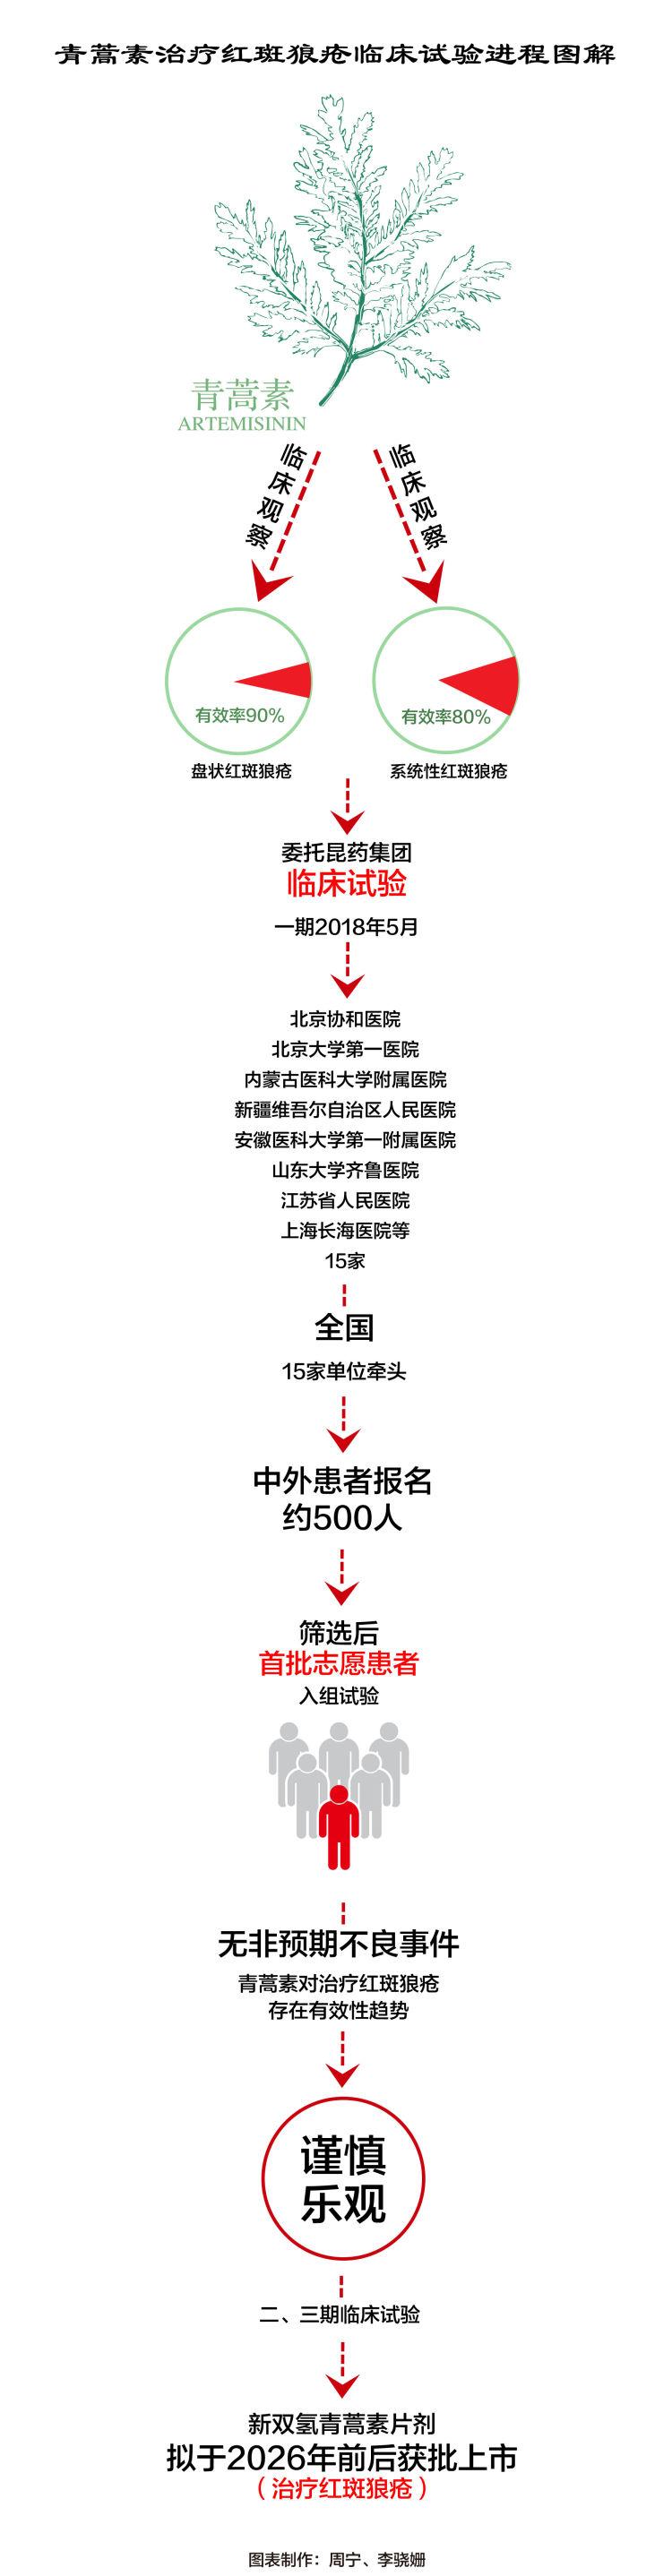 XxjnzxC007002_20190617_CBMFN0A003.jpg@750w_1e_1c_80Q_1x.jpg